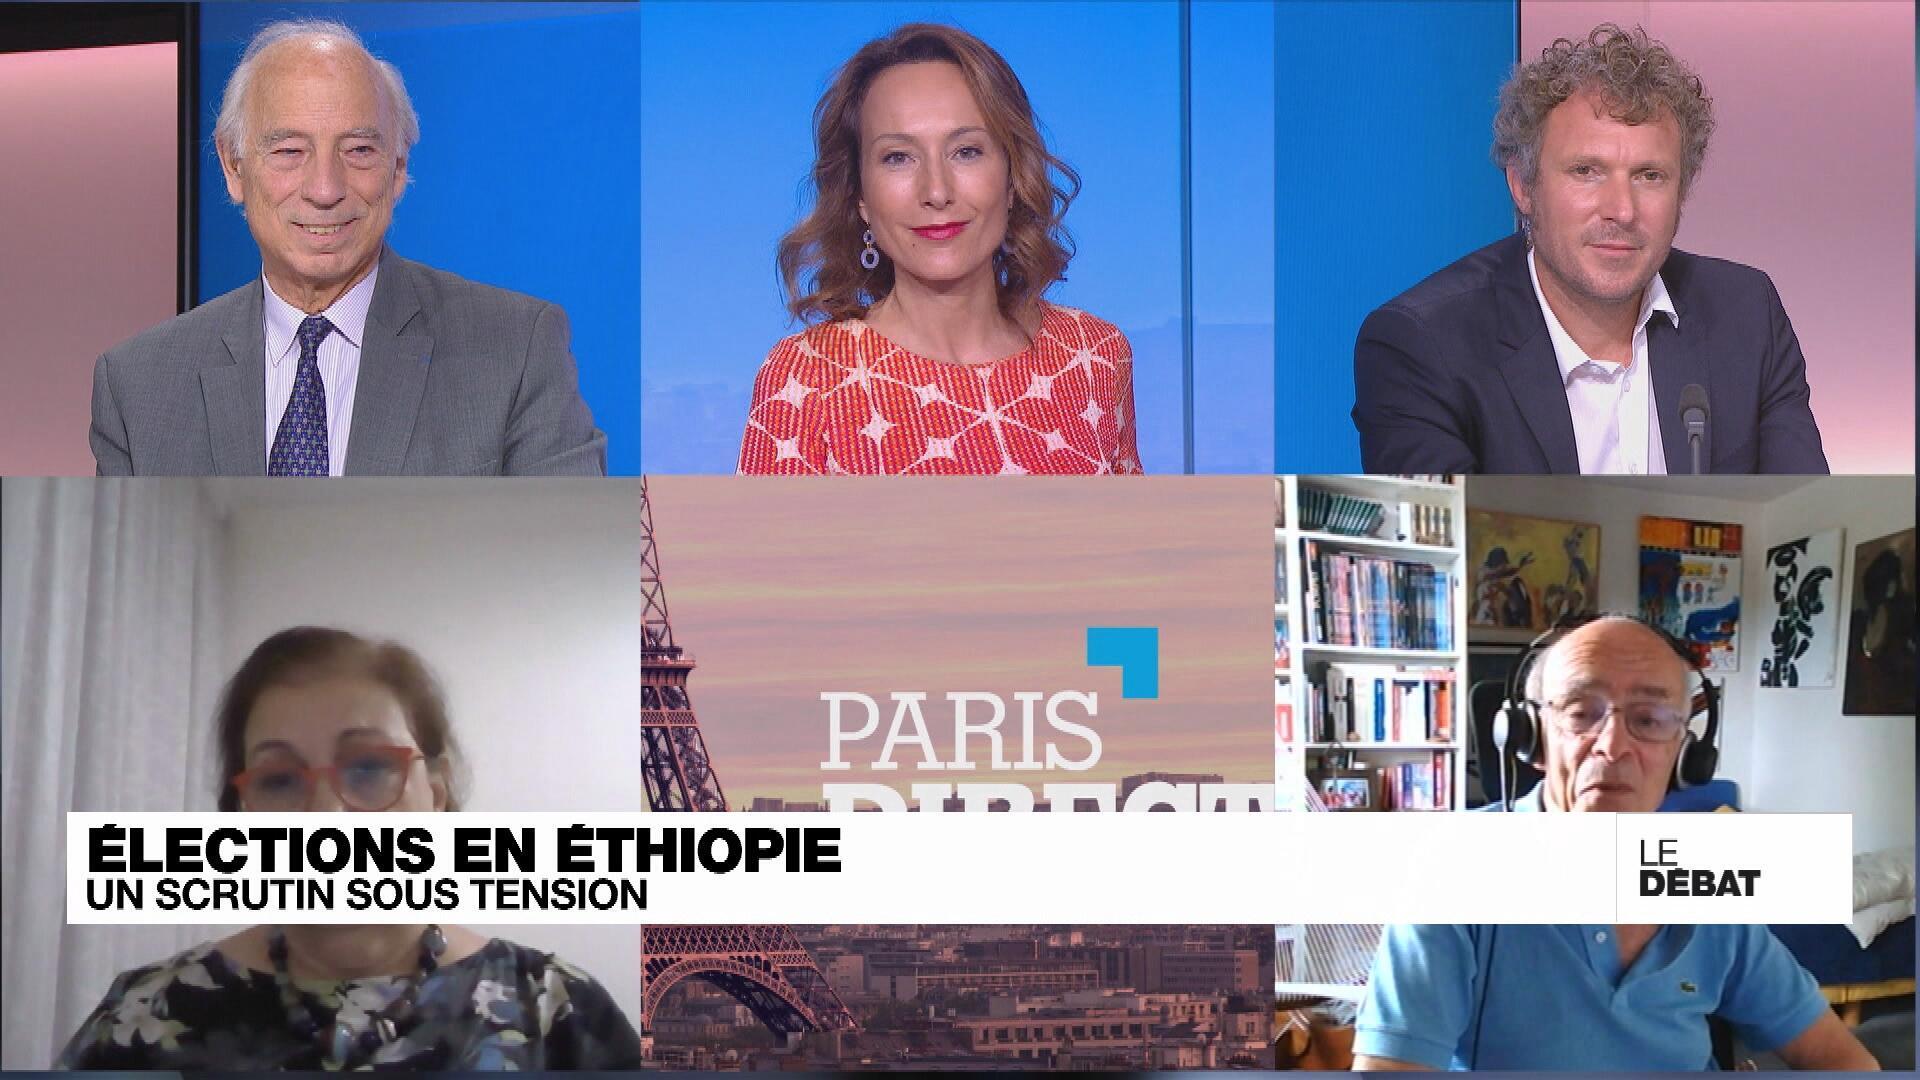 Le Débat de France 24 - lundi 21 juin 2021